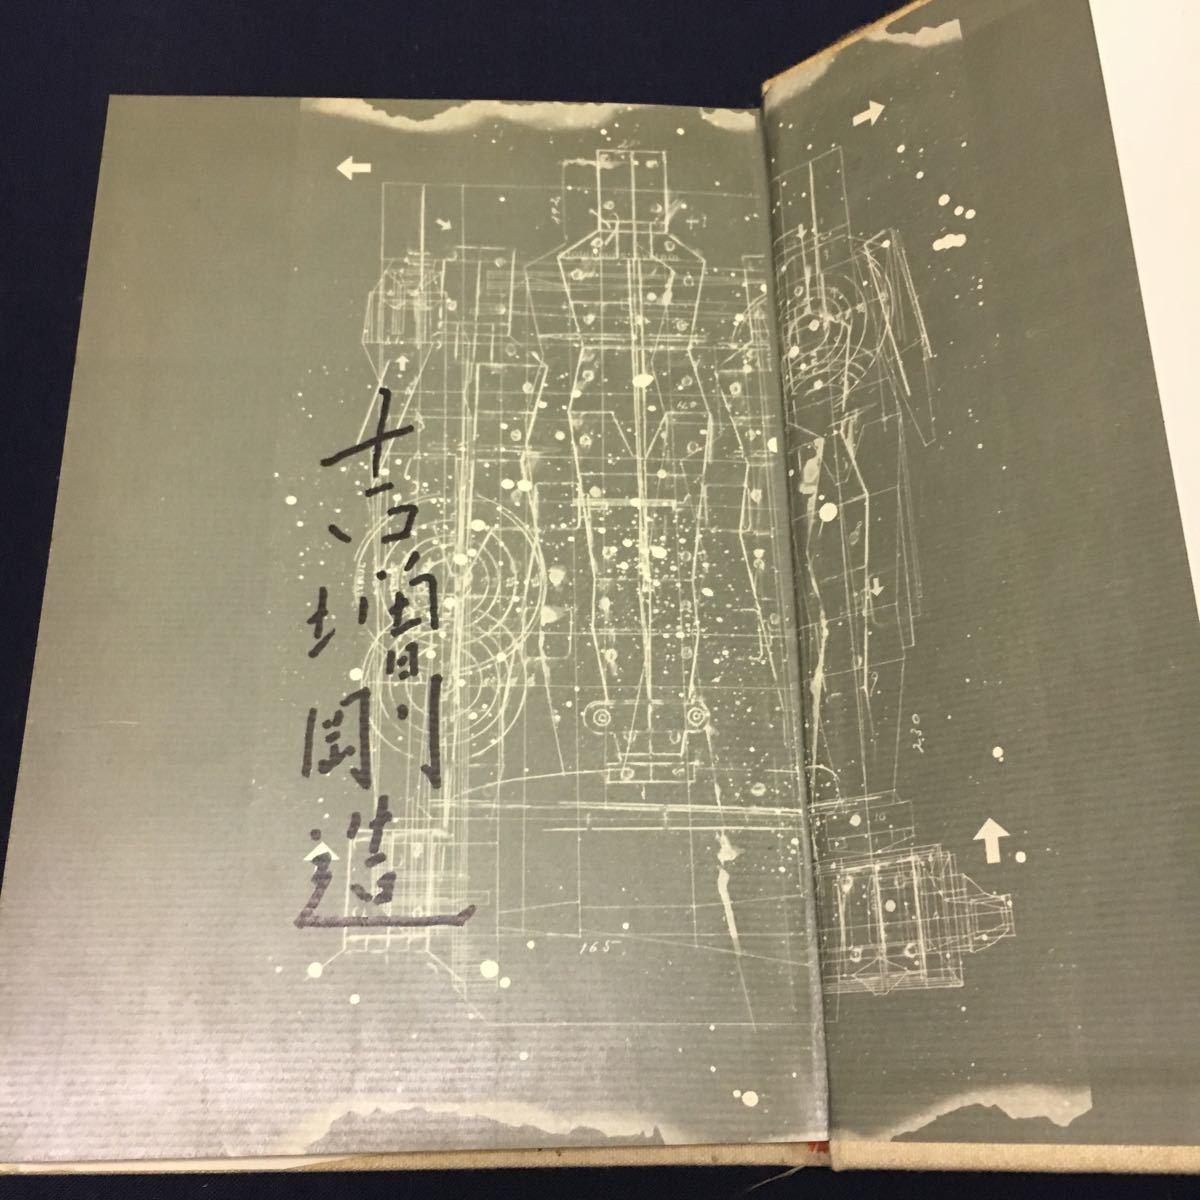 昭和51年 吉増剛造『わたしは燃えたつ蜃気楼』小沢書店 署名入 初版_画像2